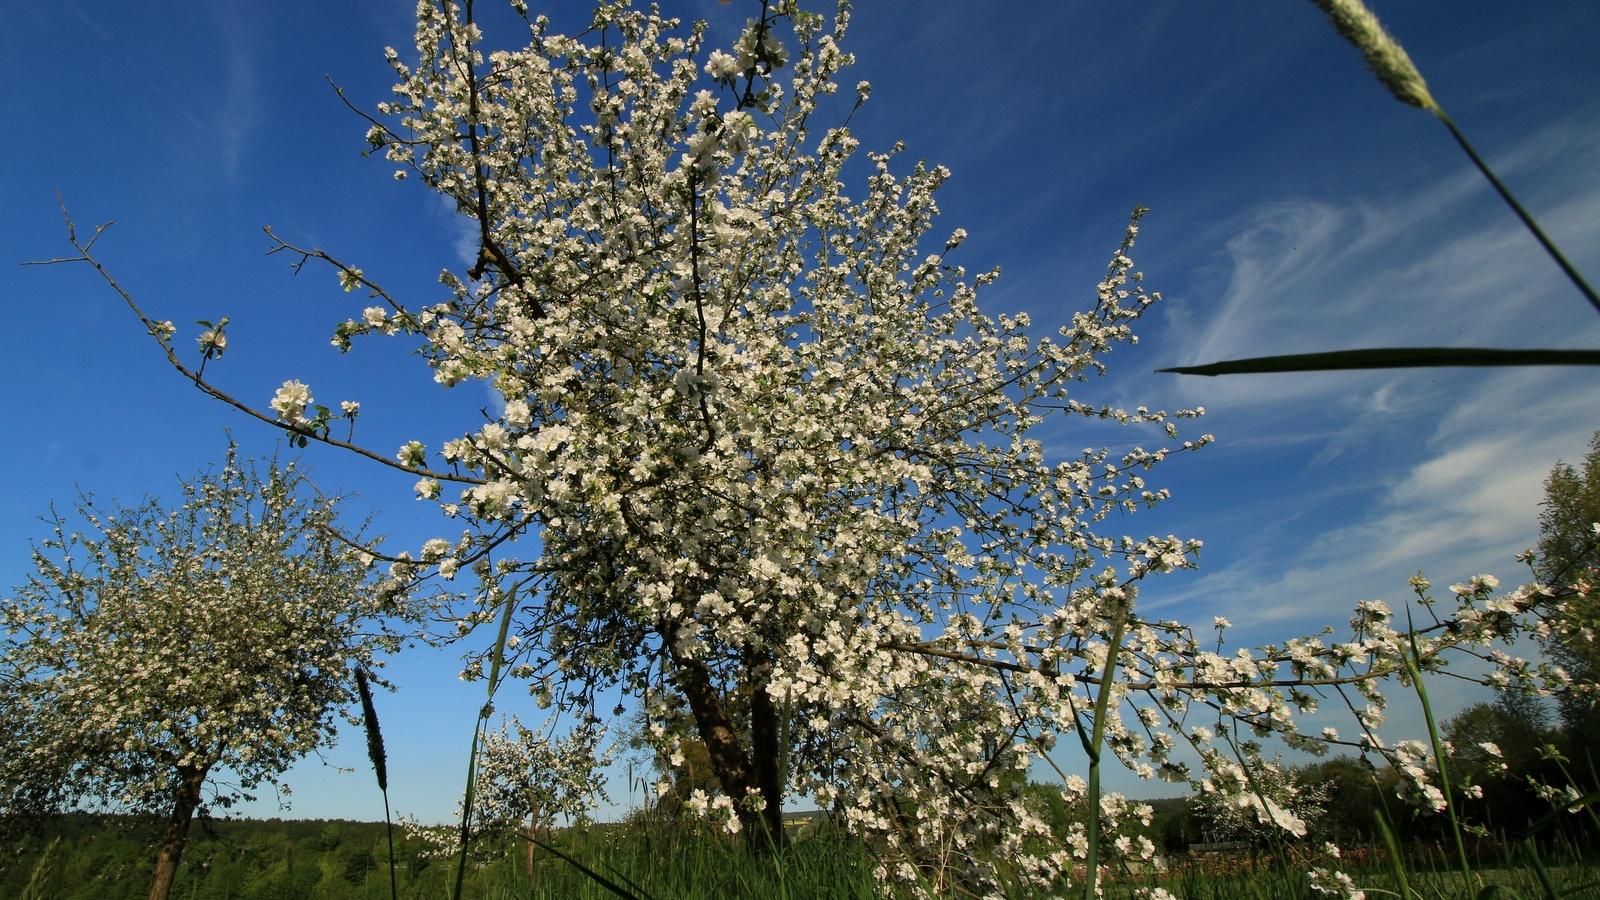 alter Obstbaum in voller Blühte